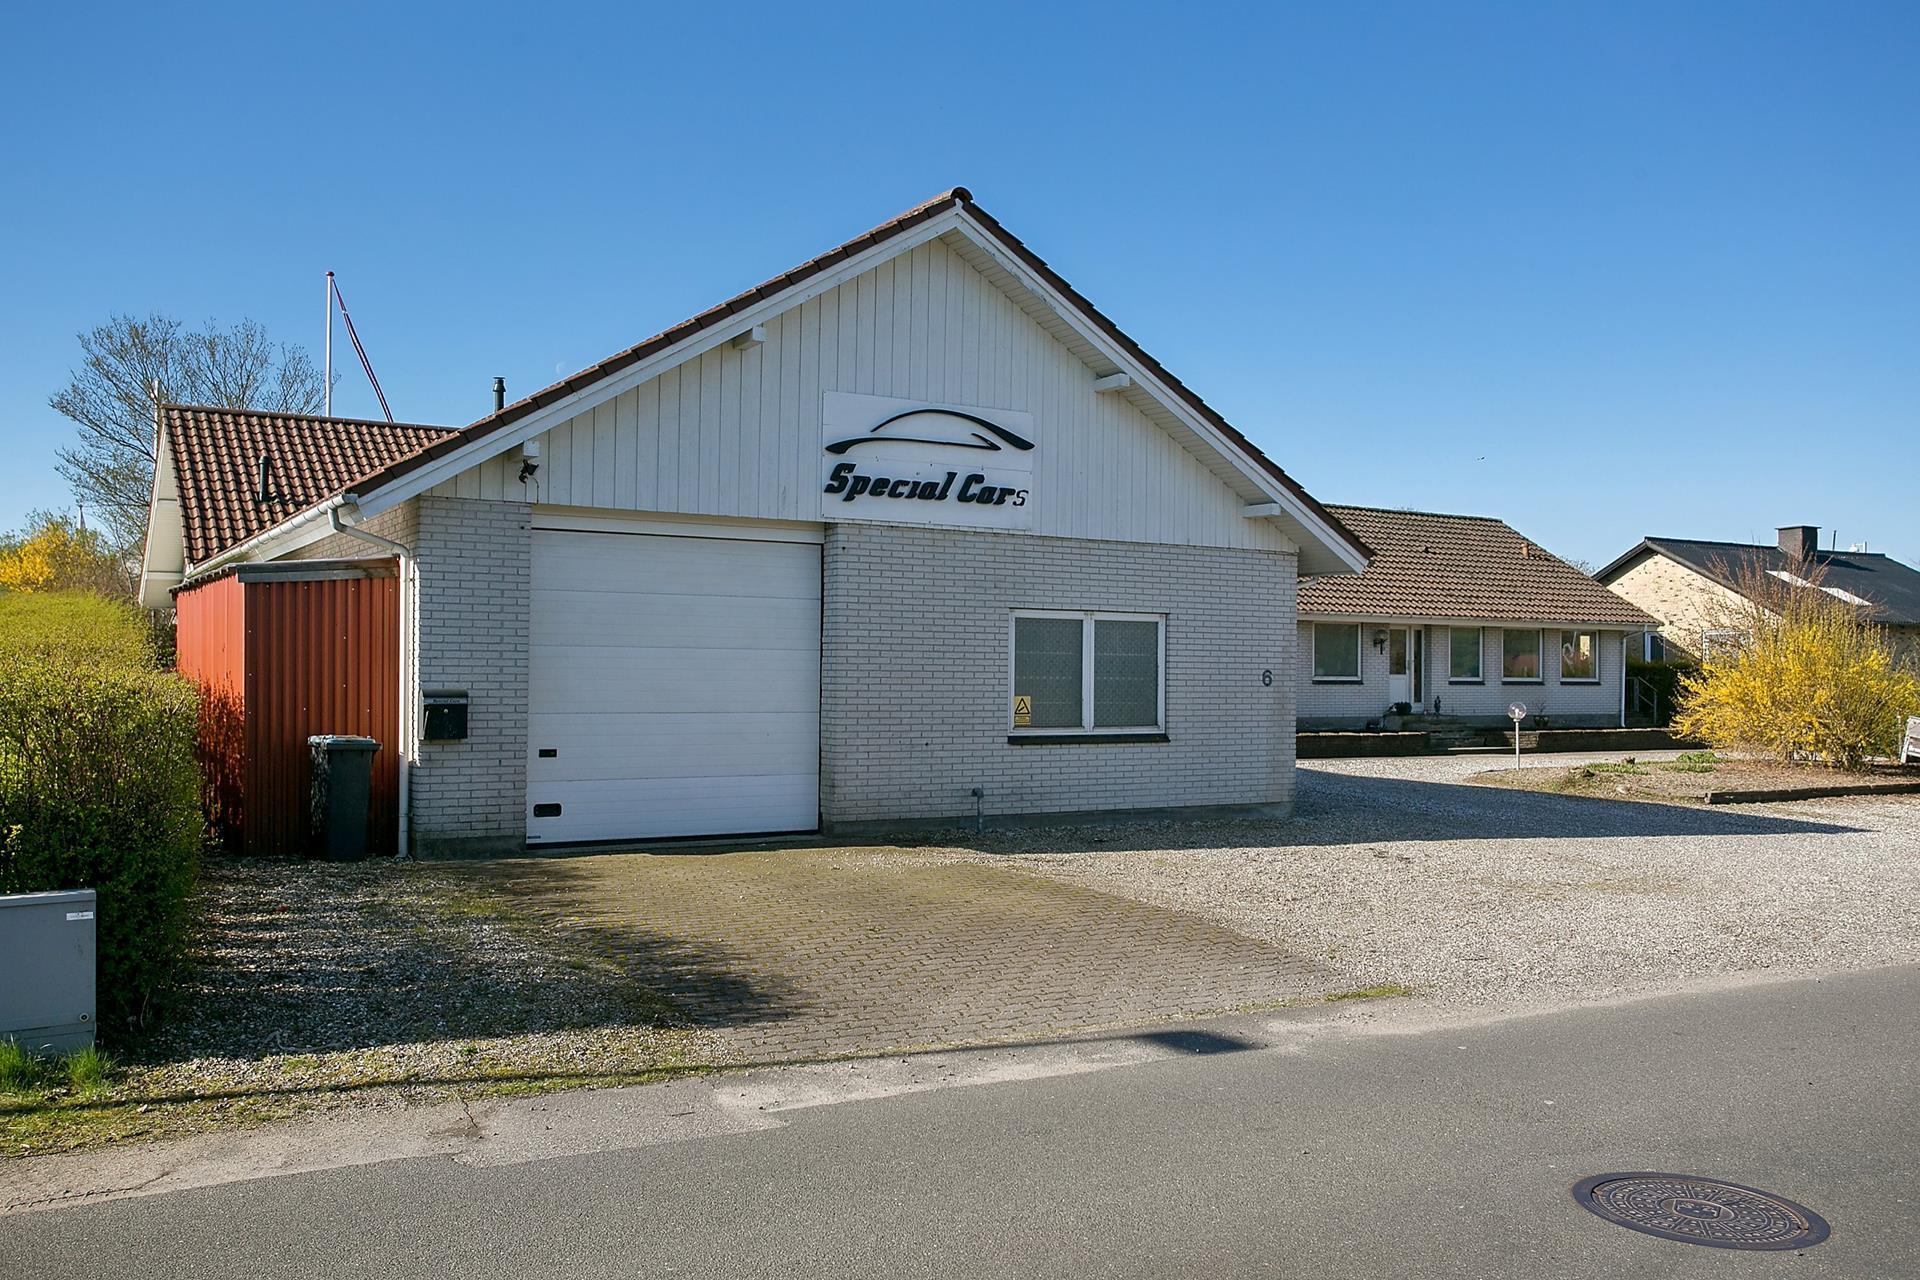 Bolig/erhverv på Hårupvænget i Silkeborg - Ejendommen